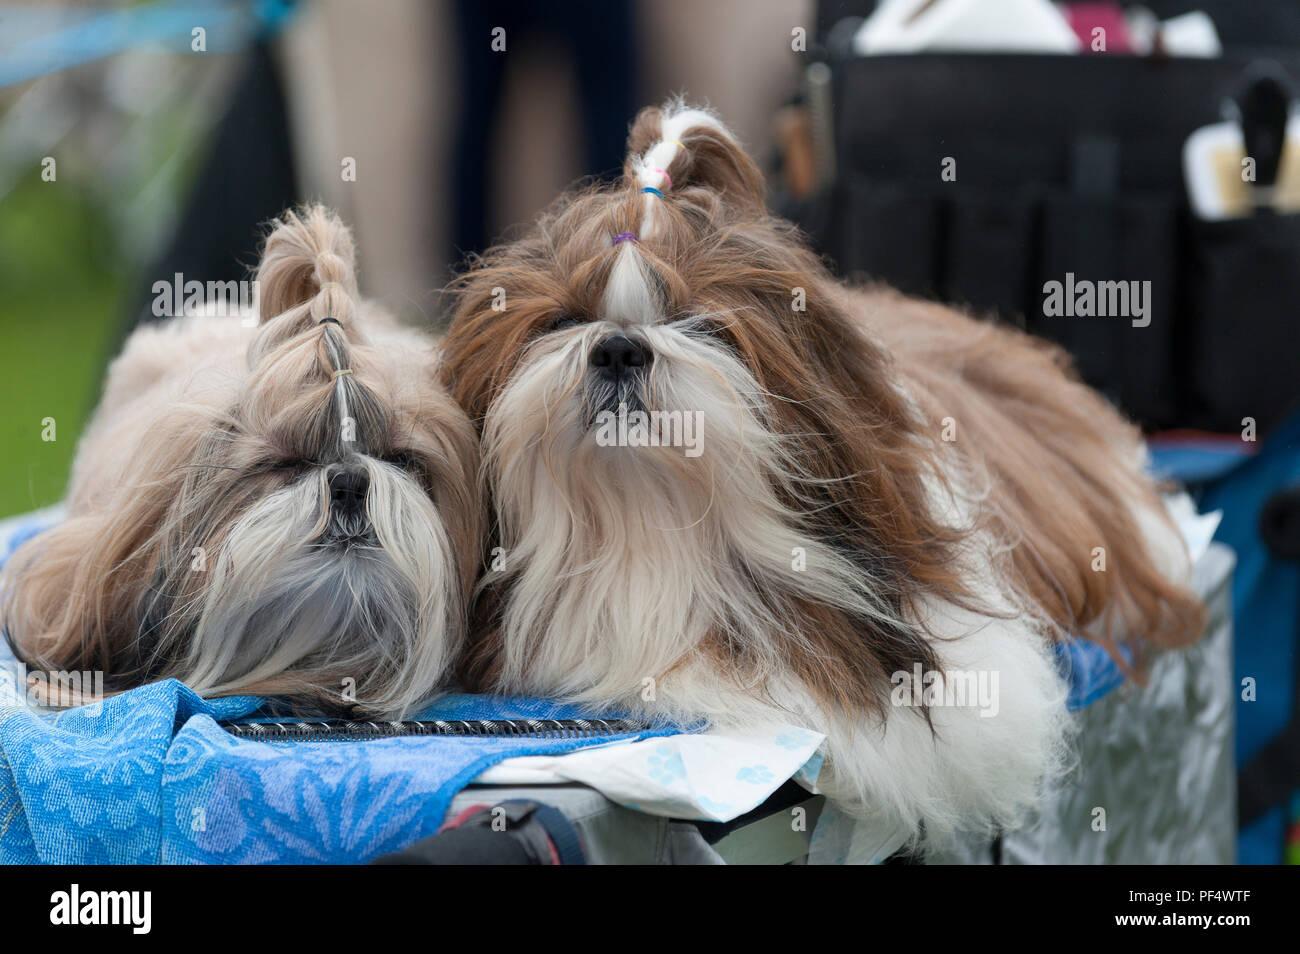 Llanelwedd Powys Uk 19th August 2018 Two Shih Tzu Dogs Wait For